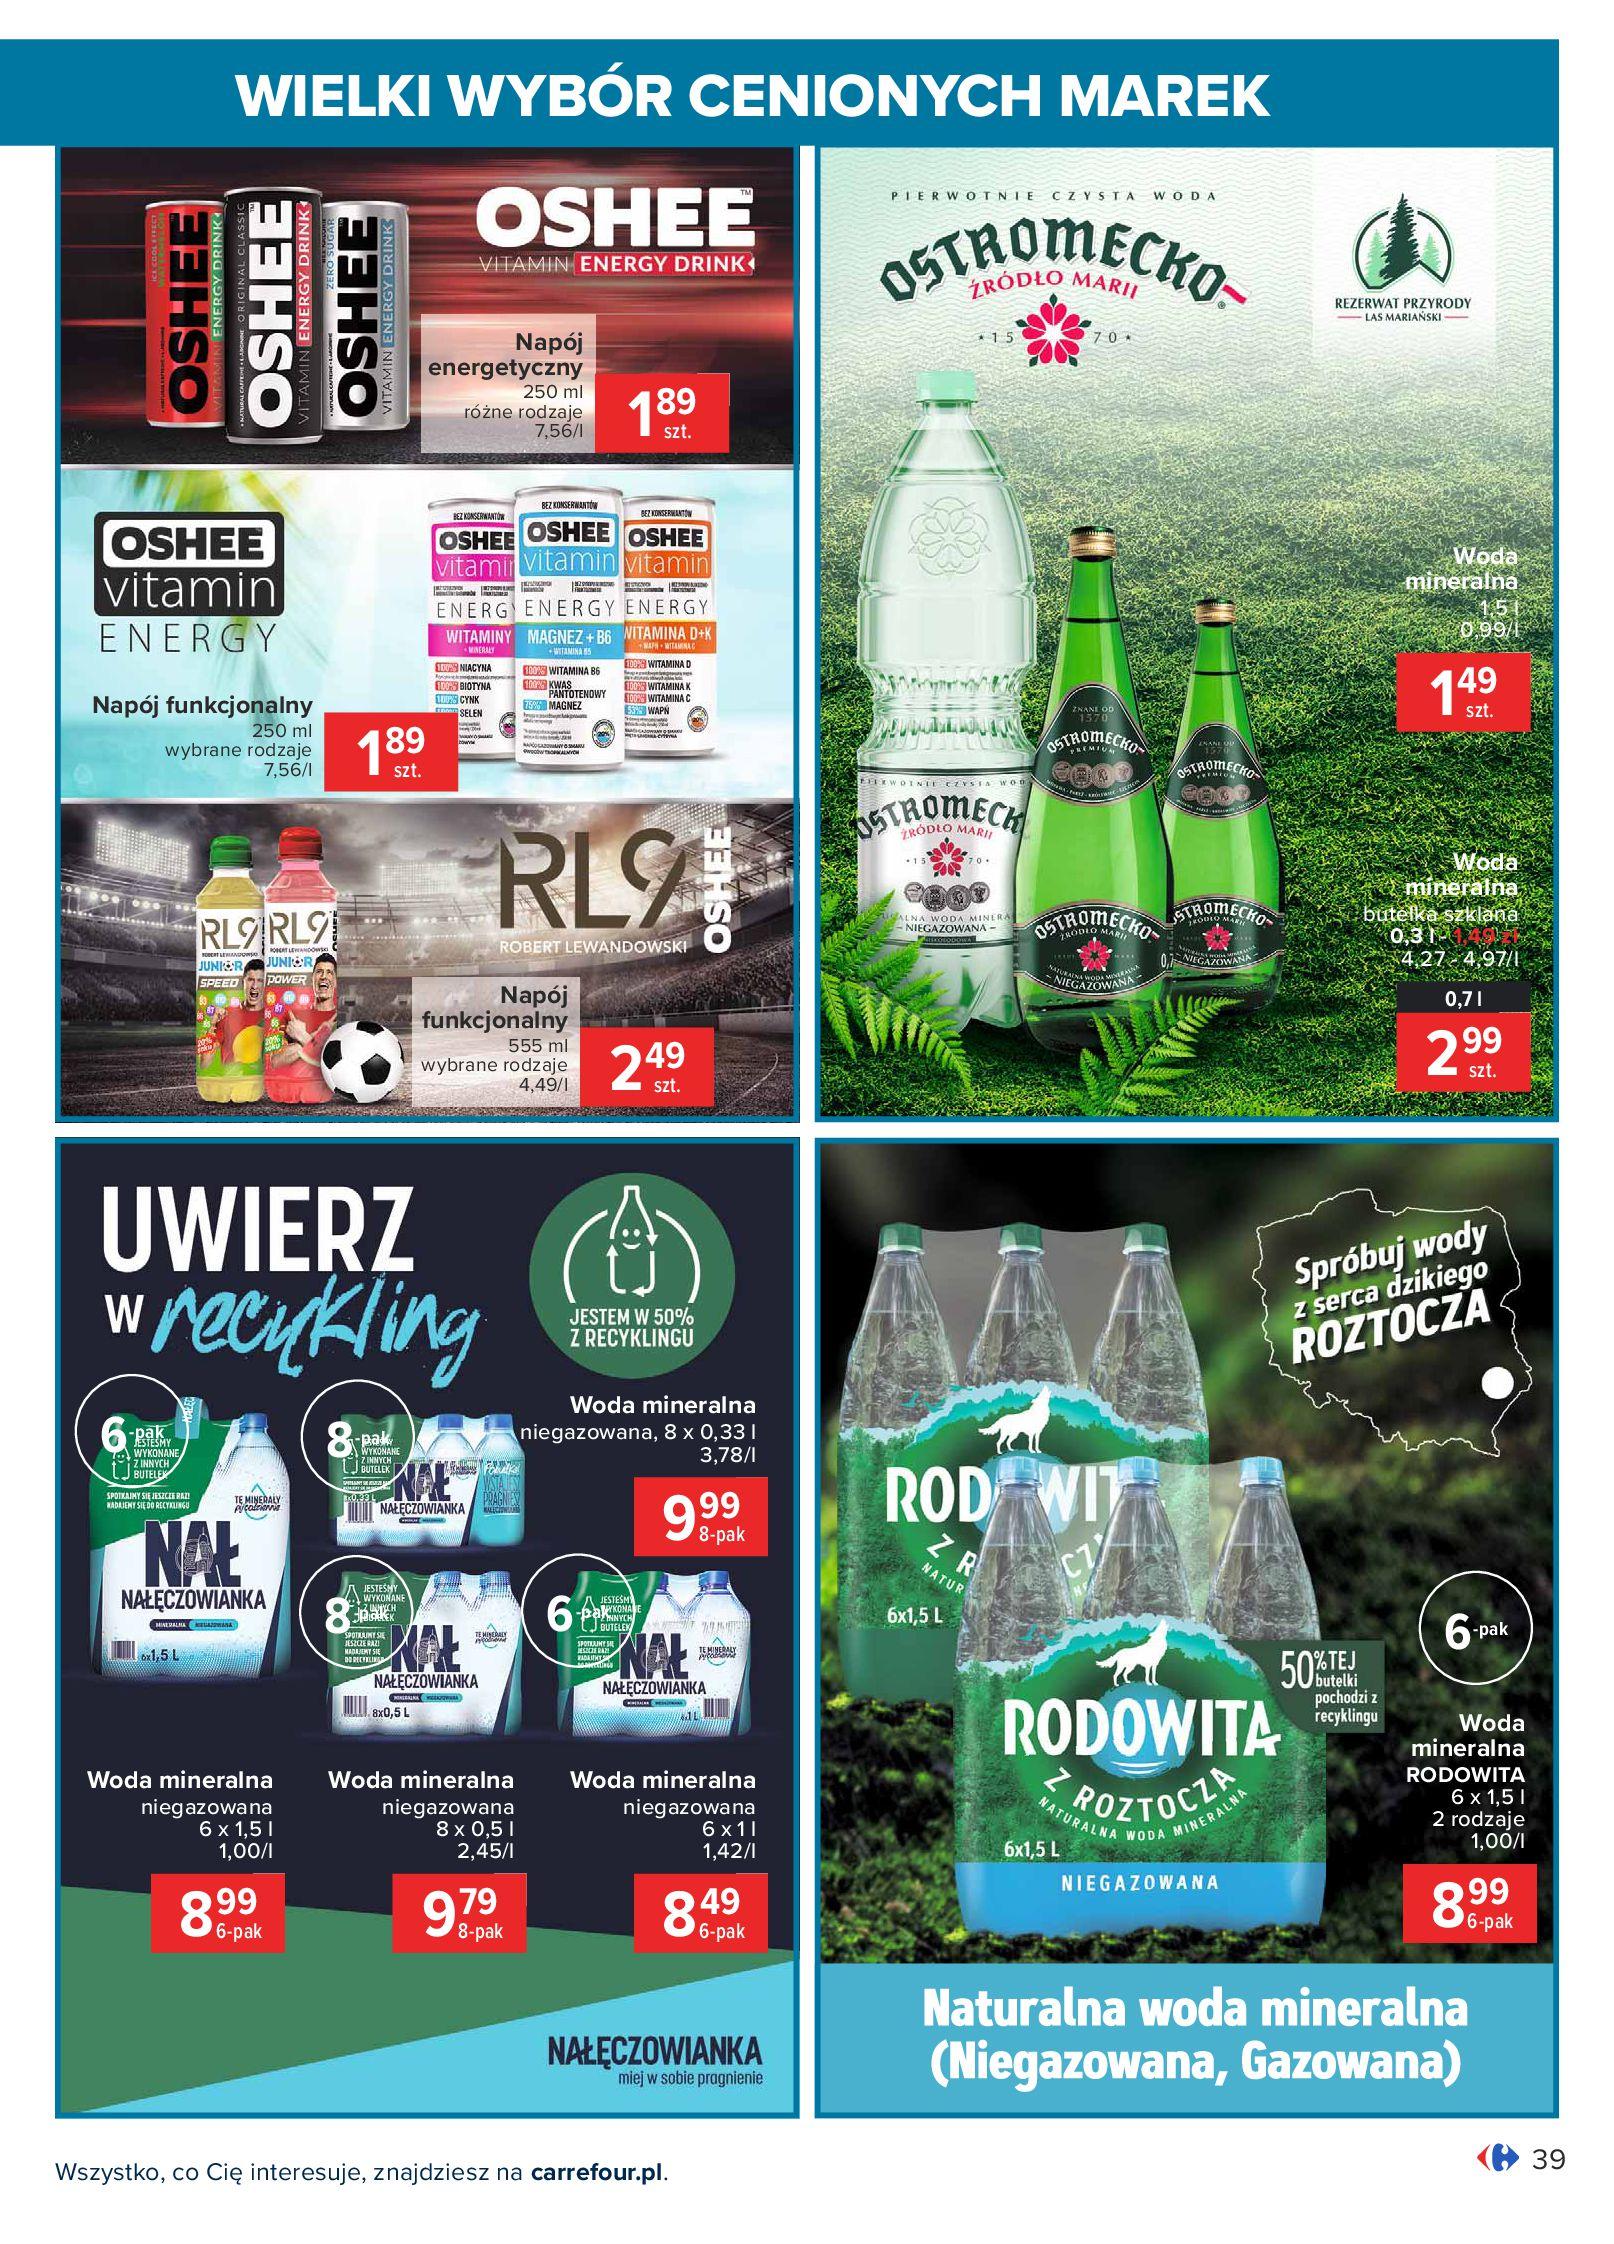 Gazetka Carrefour: Wielki wybór cenionych marek 2021-05-04 page-39